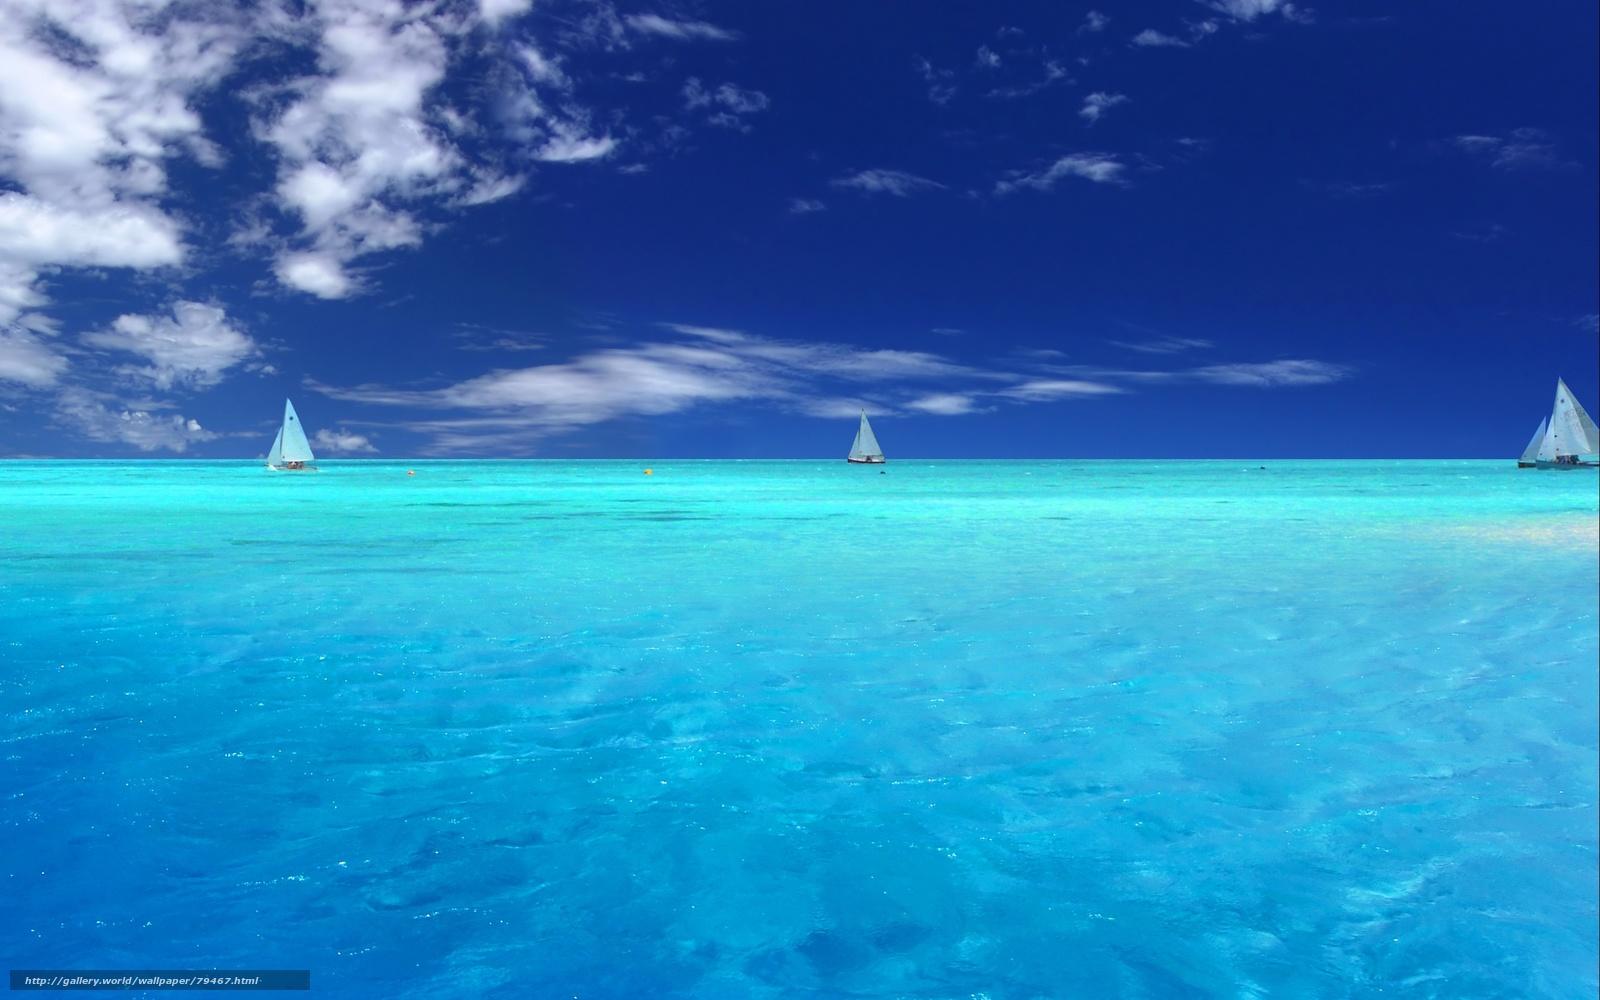 Scaricare Gli Sfondi Cielo Mare Acqua Azzurro Sfondi Gratis Per